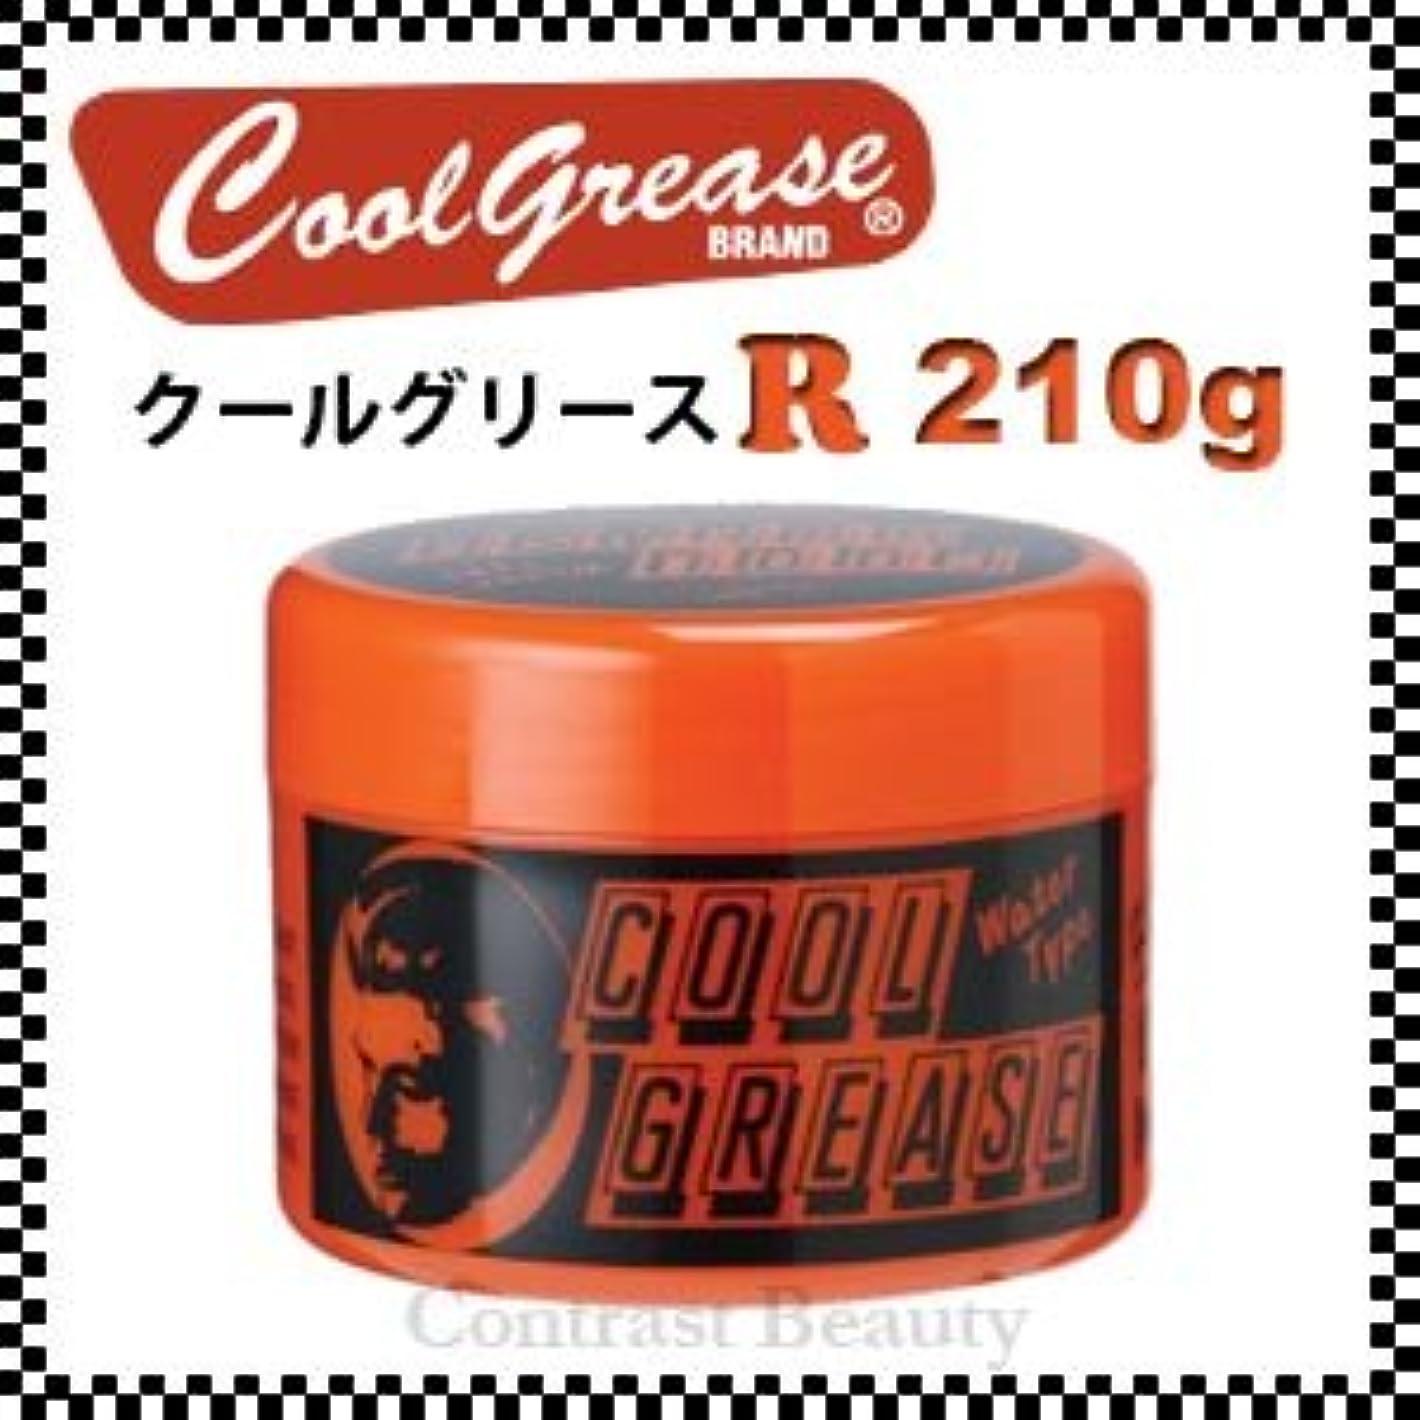 テスピアン菊容器【X3個セット】 阪本高生堂 クールグリース R 210g